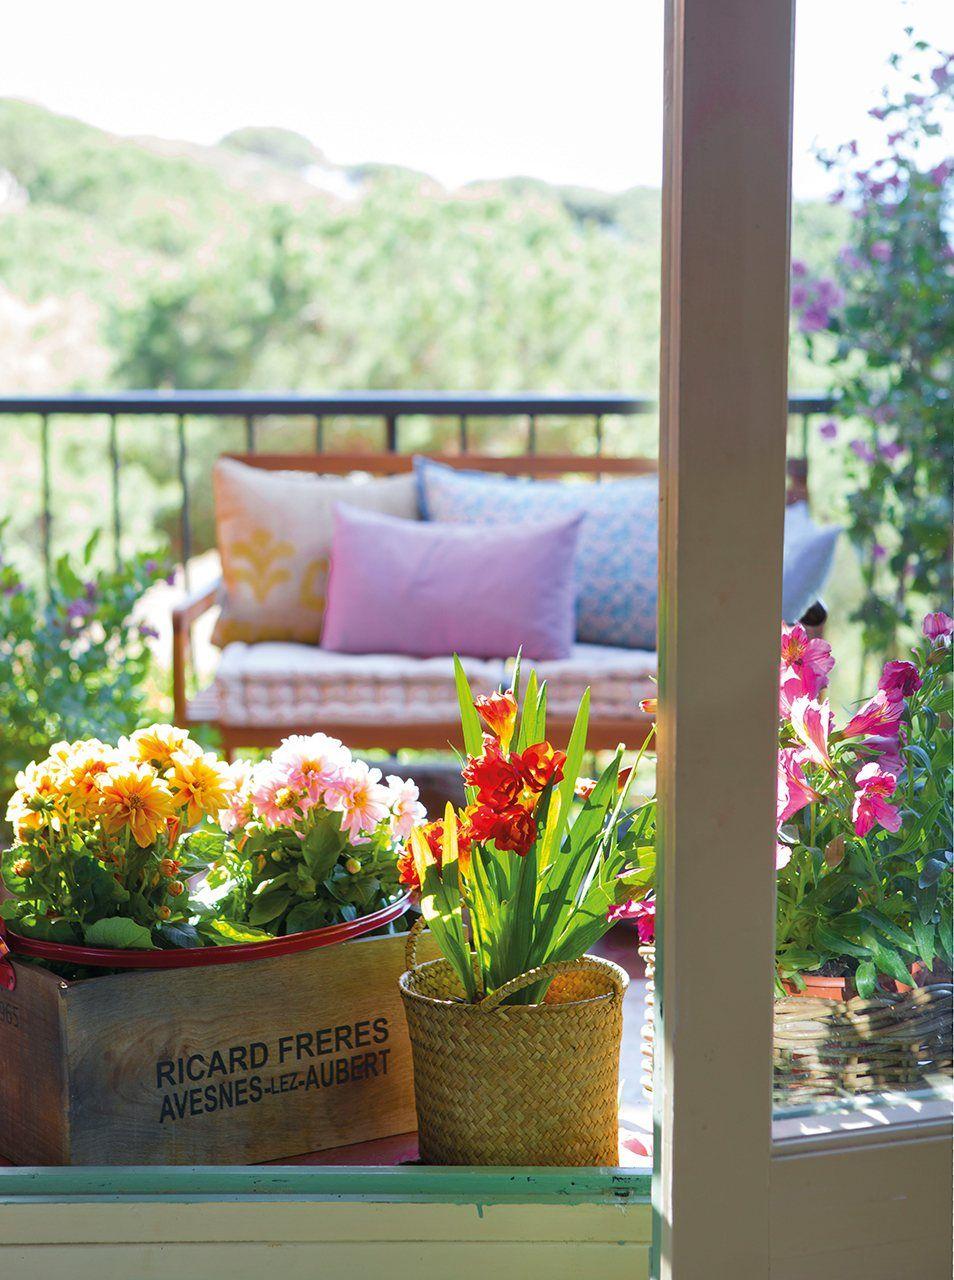 Crea Un Jardin En La Ventana Decorando Con Flores Plantas Terraza Ventanas Ideas De Jardineria